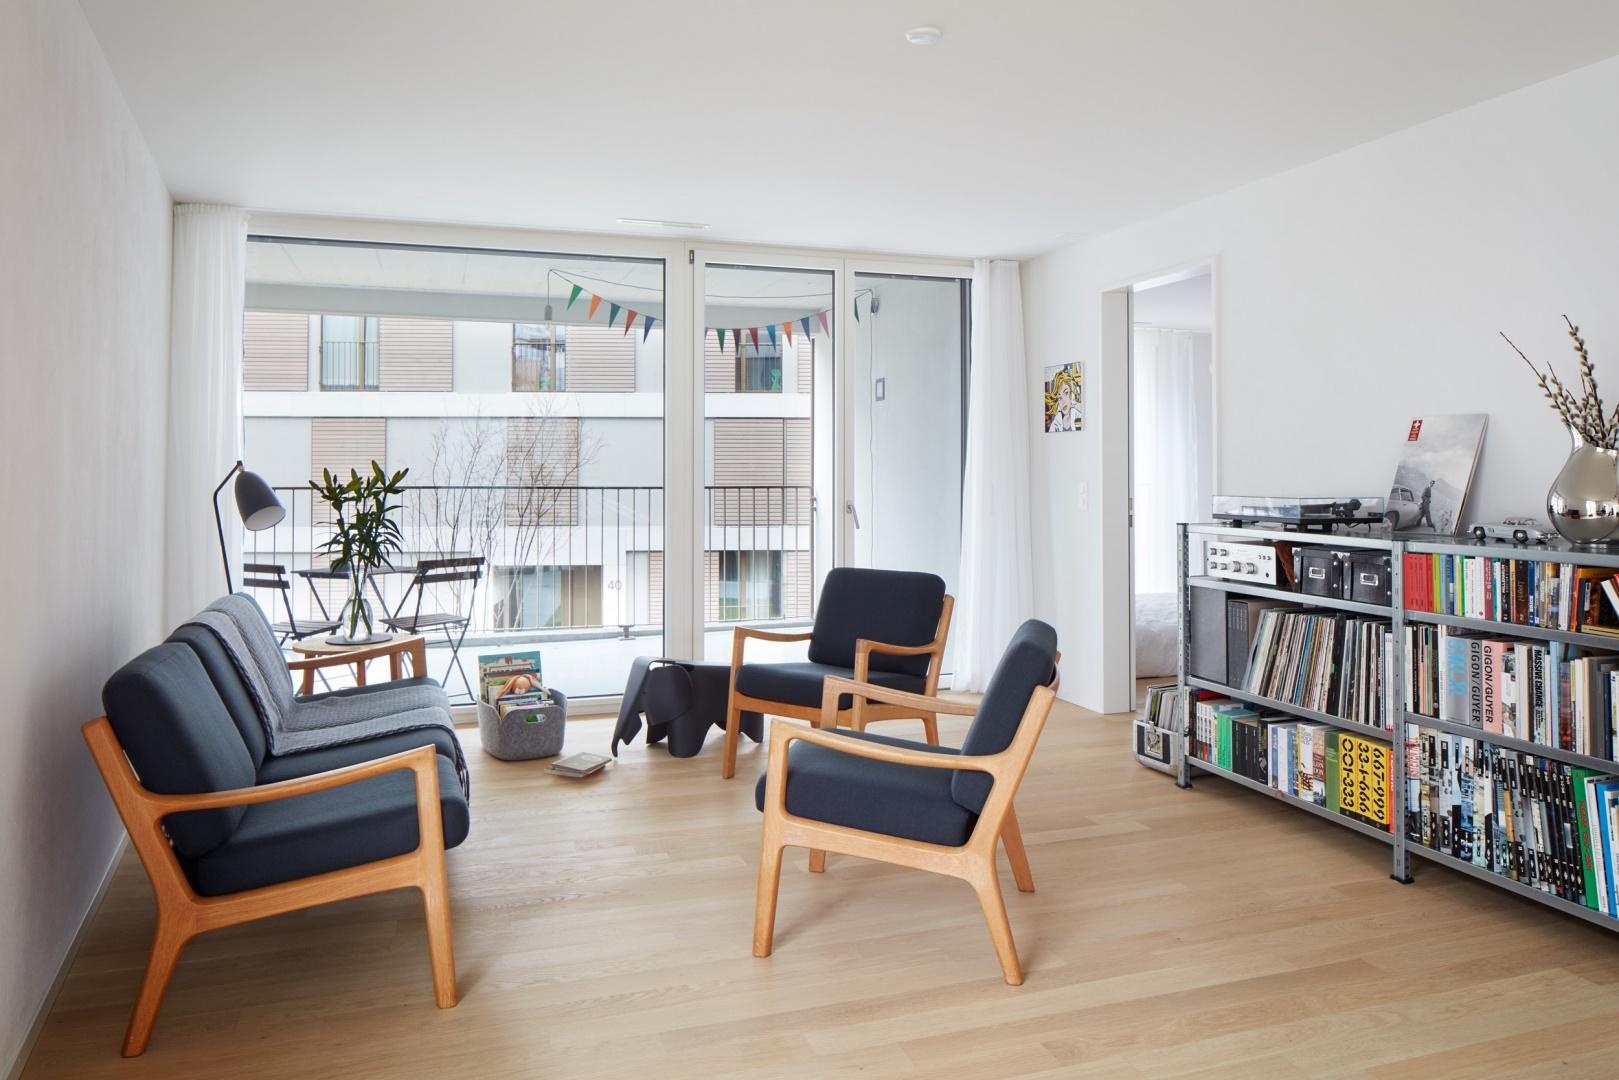 Wohnraum © Simone Vogel - atelier ww